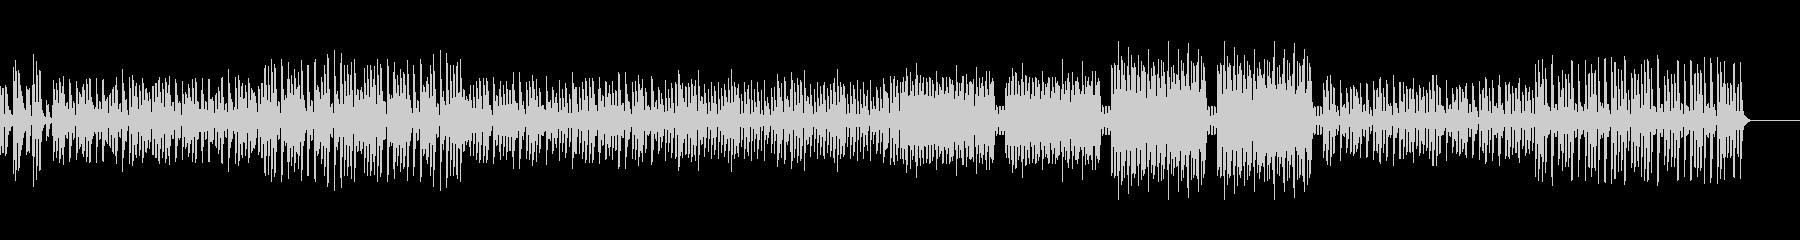 動画 何かをやってみたときのBGM2の未再生の波形